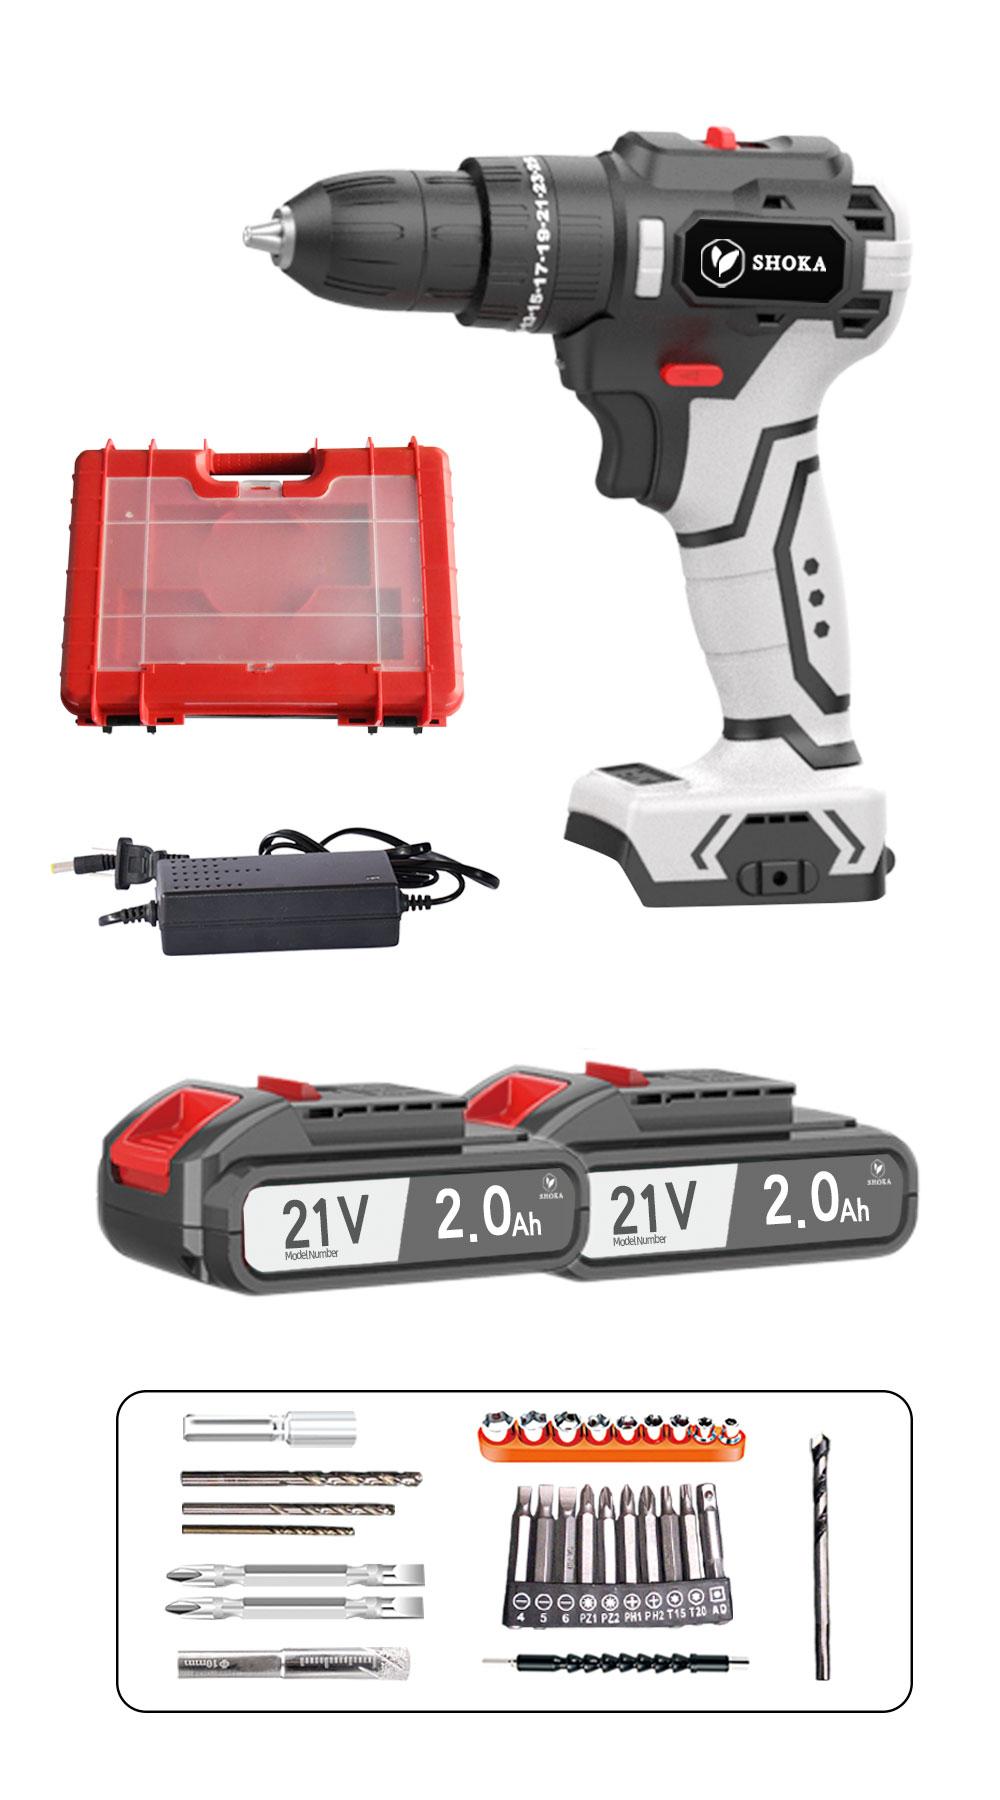 2021最新版 電動ドリル 21V2.0Ahバッテリー2個 ドリルドライバー コードレスドリルドライバー 卸直営 21V ケース付 充電器 充電式ドリル 日本語取扱説明書付き 開店記念セール 1台3役